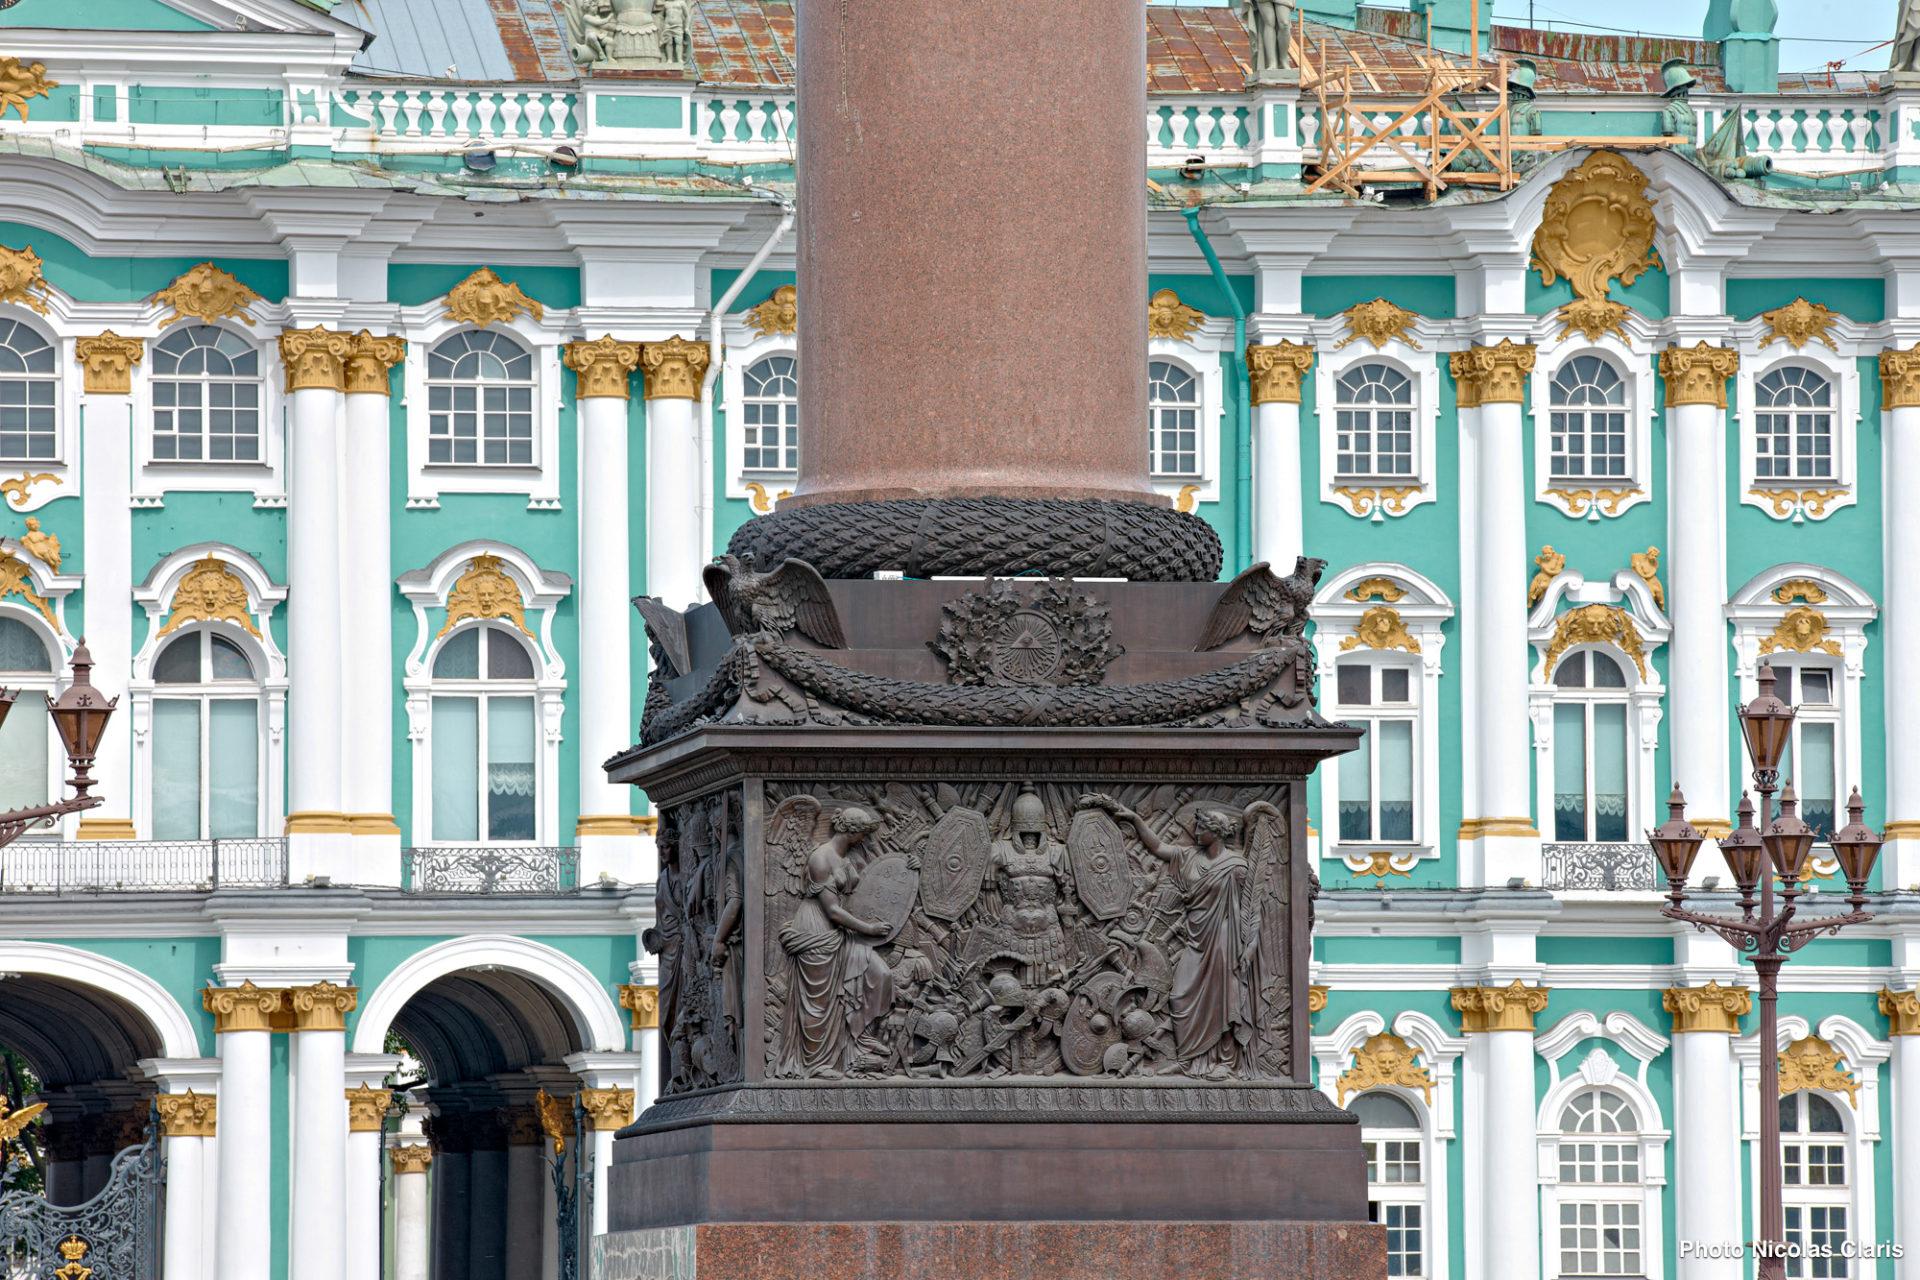 HD_Saint-Petersburg_City_45R9899